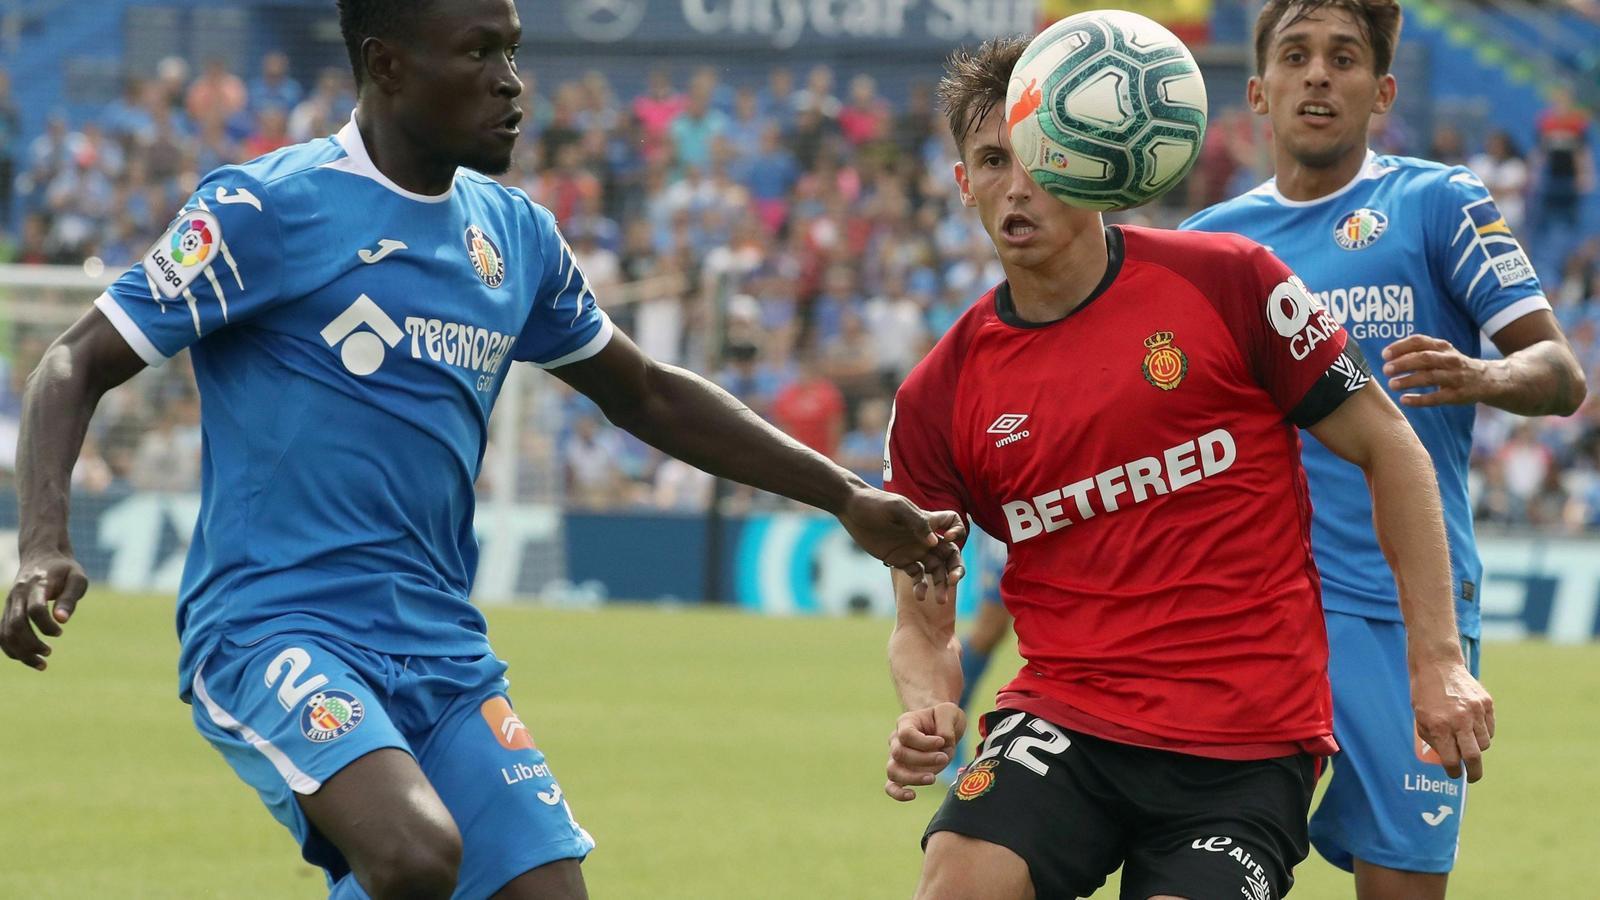 El Mallorca perd a Getafe per 4 gols a 2